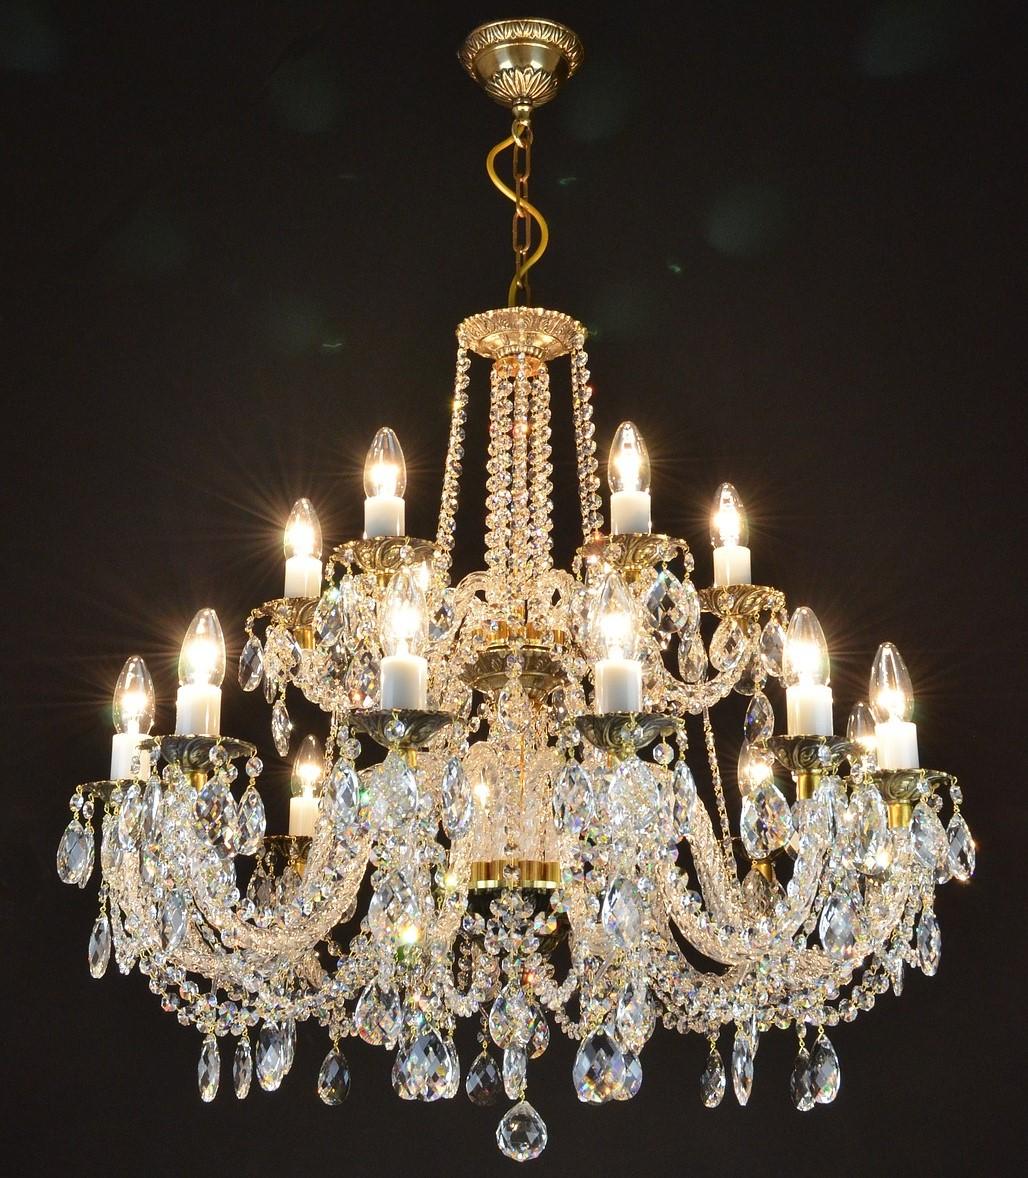 Lampadari Antichi Con Gocce Di Cristallo.Lampadari Antichi Per Illuminare L Arredamento Contemporaneo